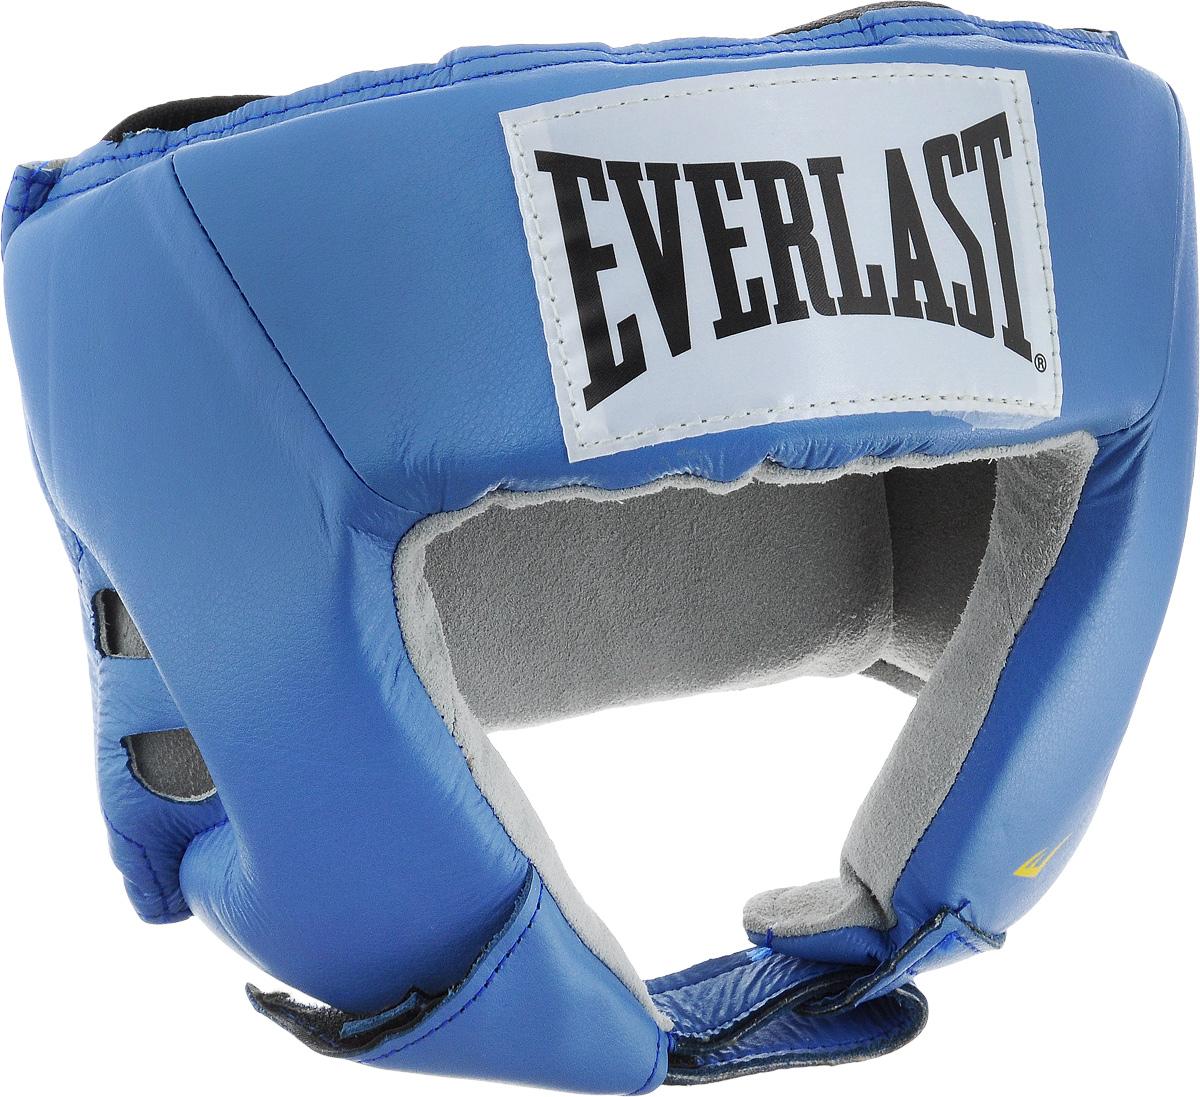 Шлем боксерский Everlast USA Boxing, цвет: синий, белый, черный. Размер M цена